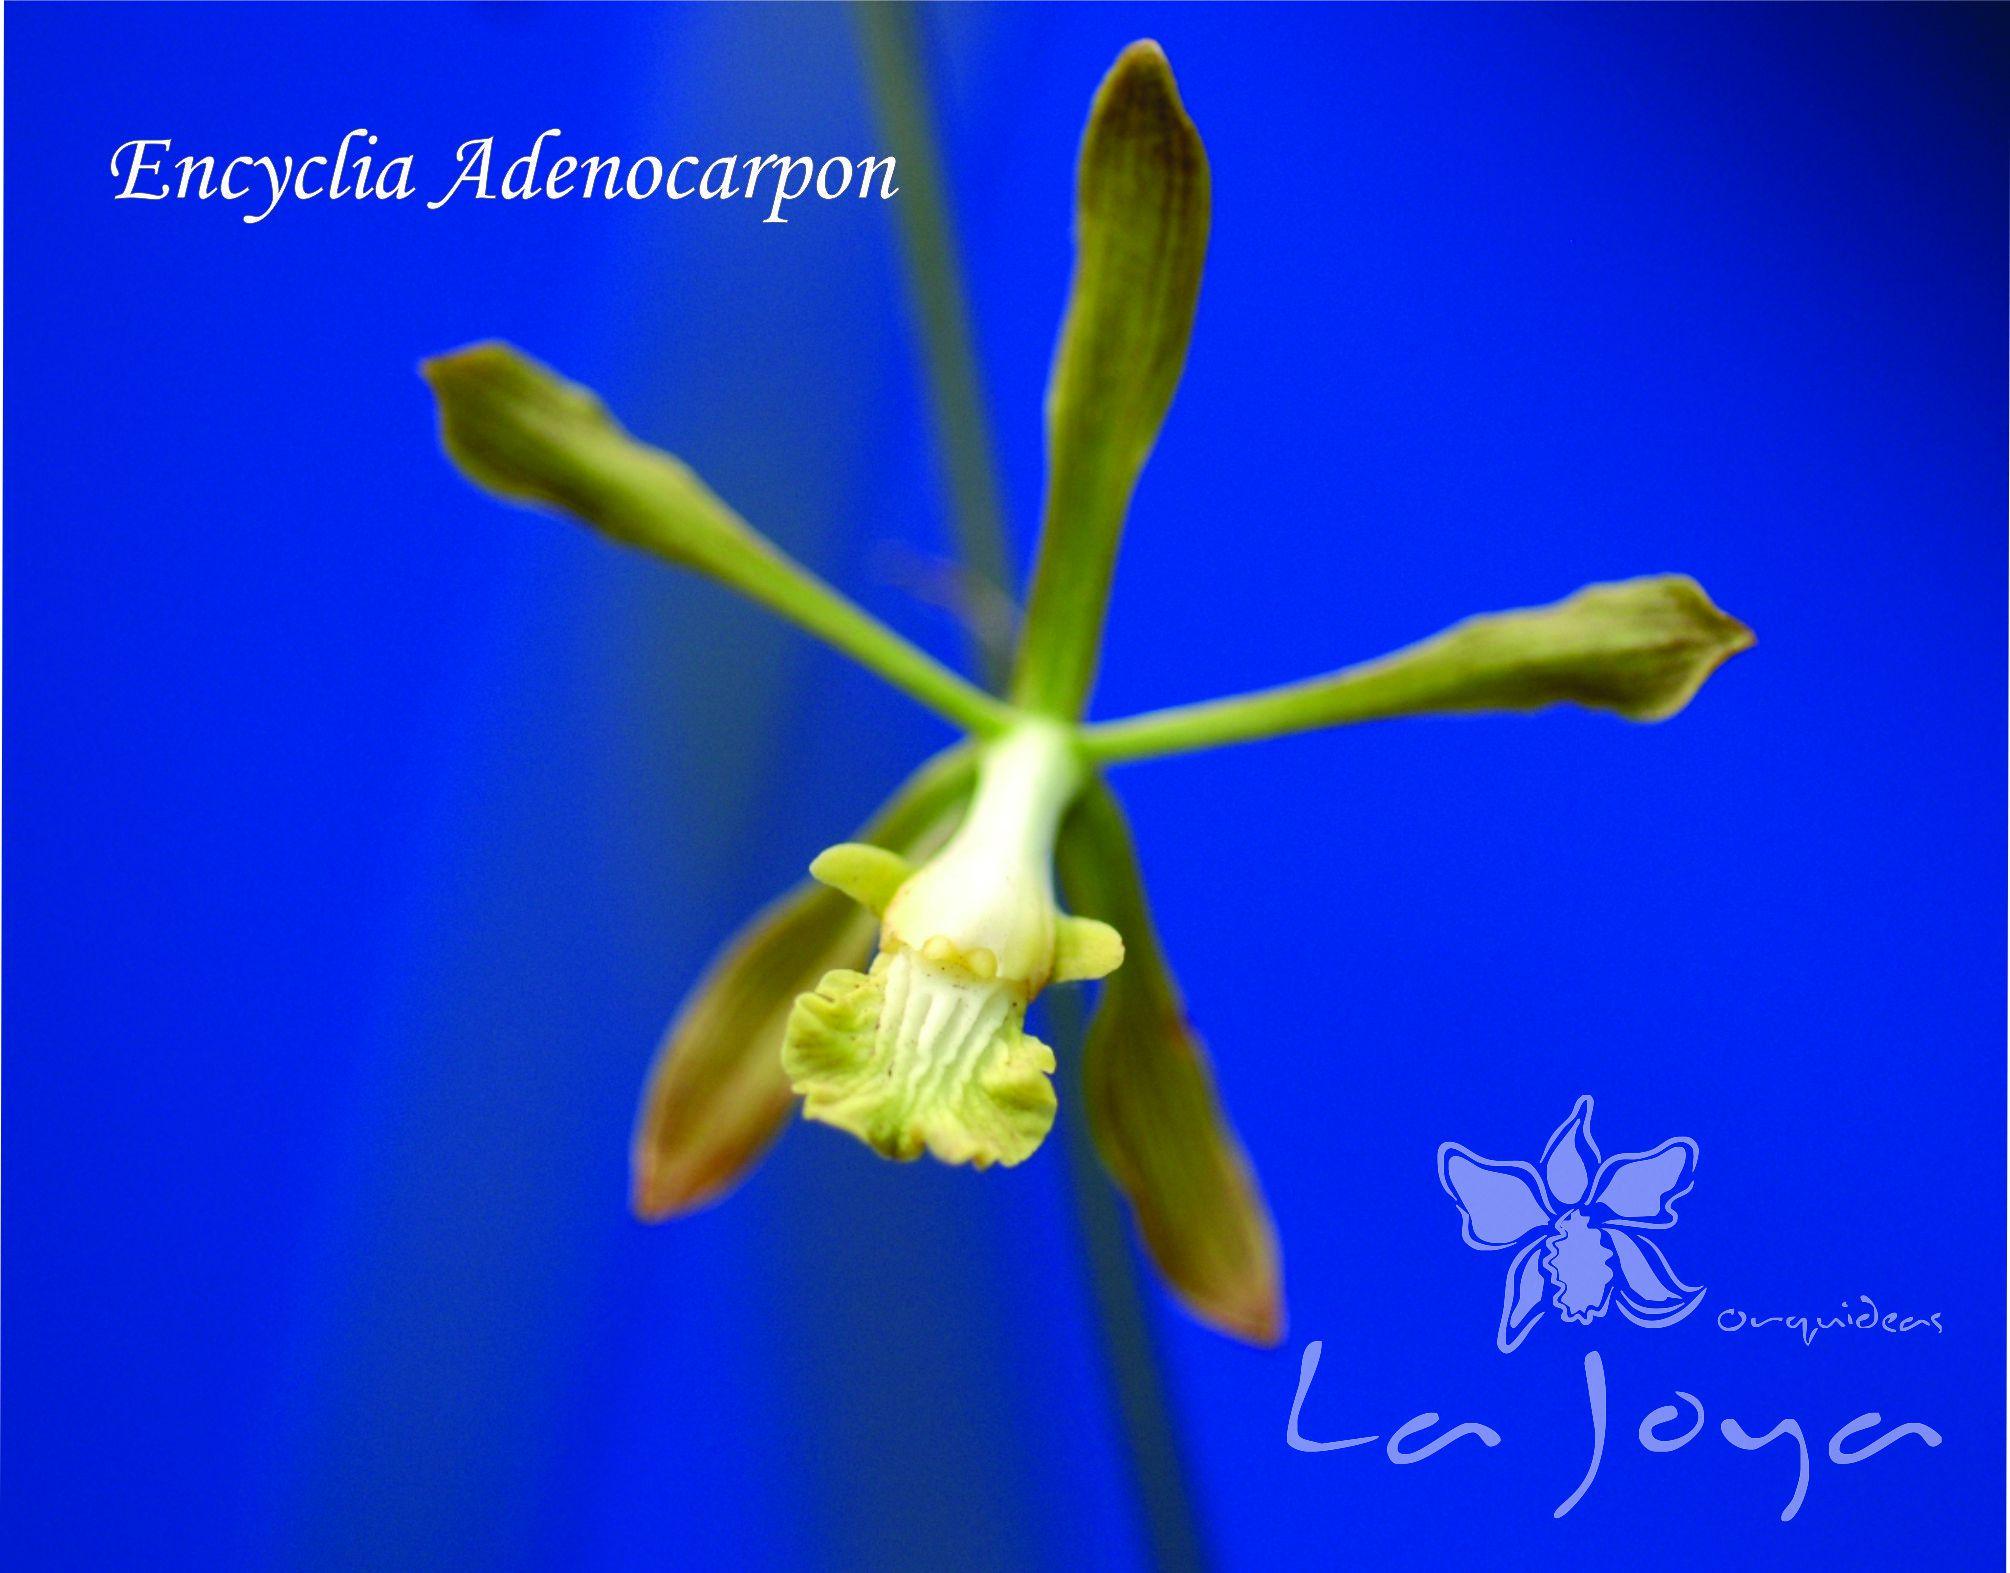 Encyclia Adenocarpon